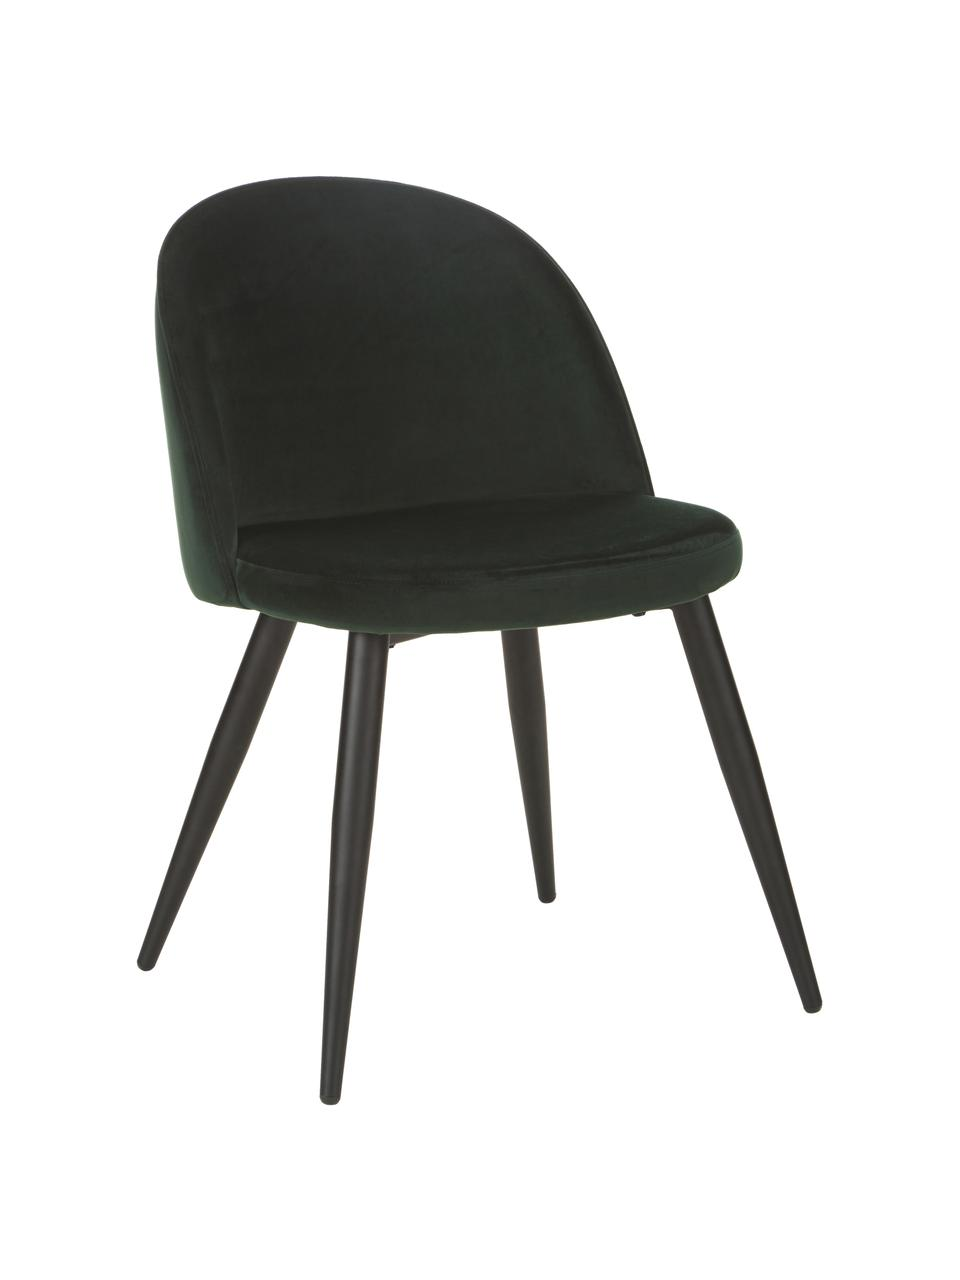 Sedia imbottita in velluto Amy 2 pz, Rivestimento: velluto (poliestere) Con , Gambe: metallo verniciato a polv, Velluto verde scuro, Larg. 51 x Alt. 55 cm